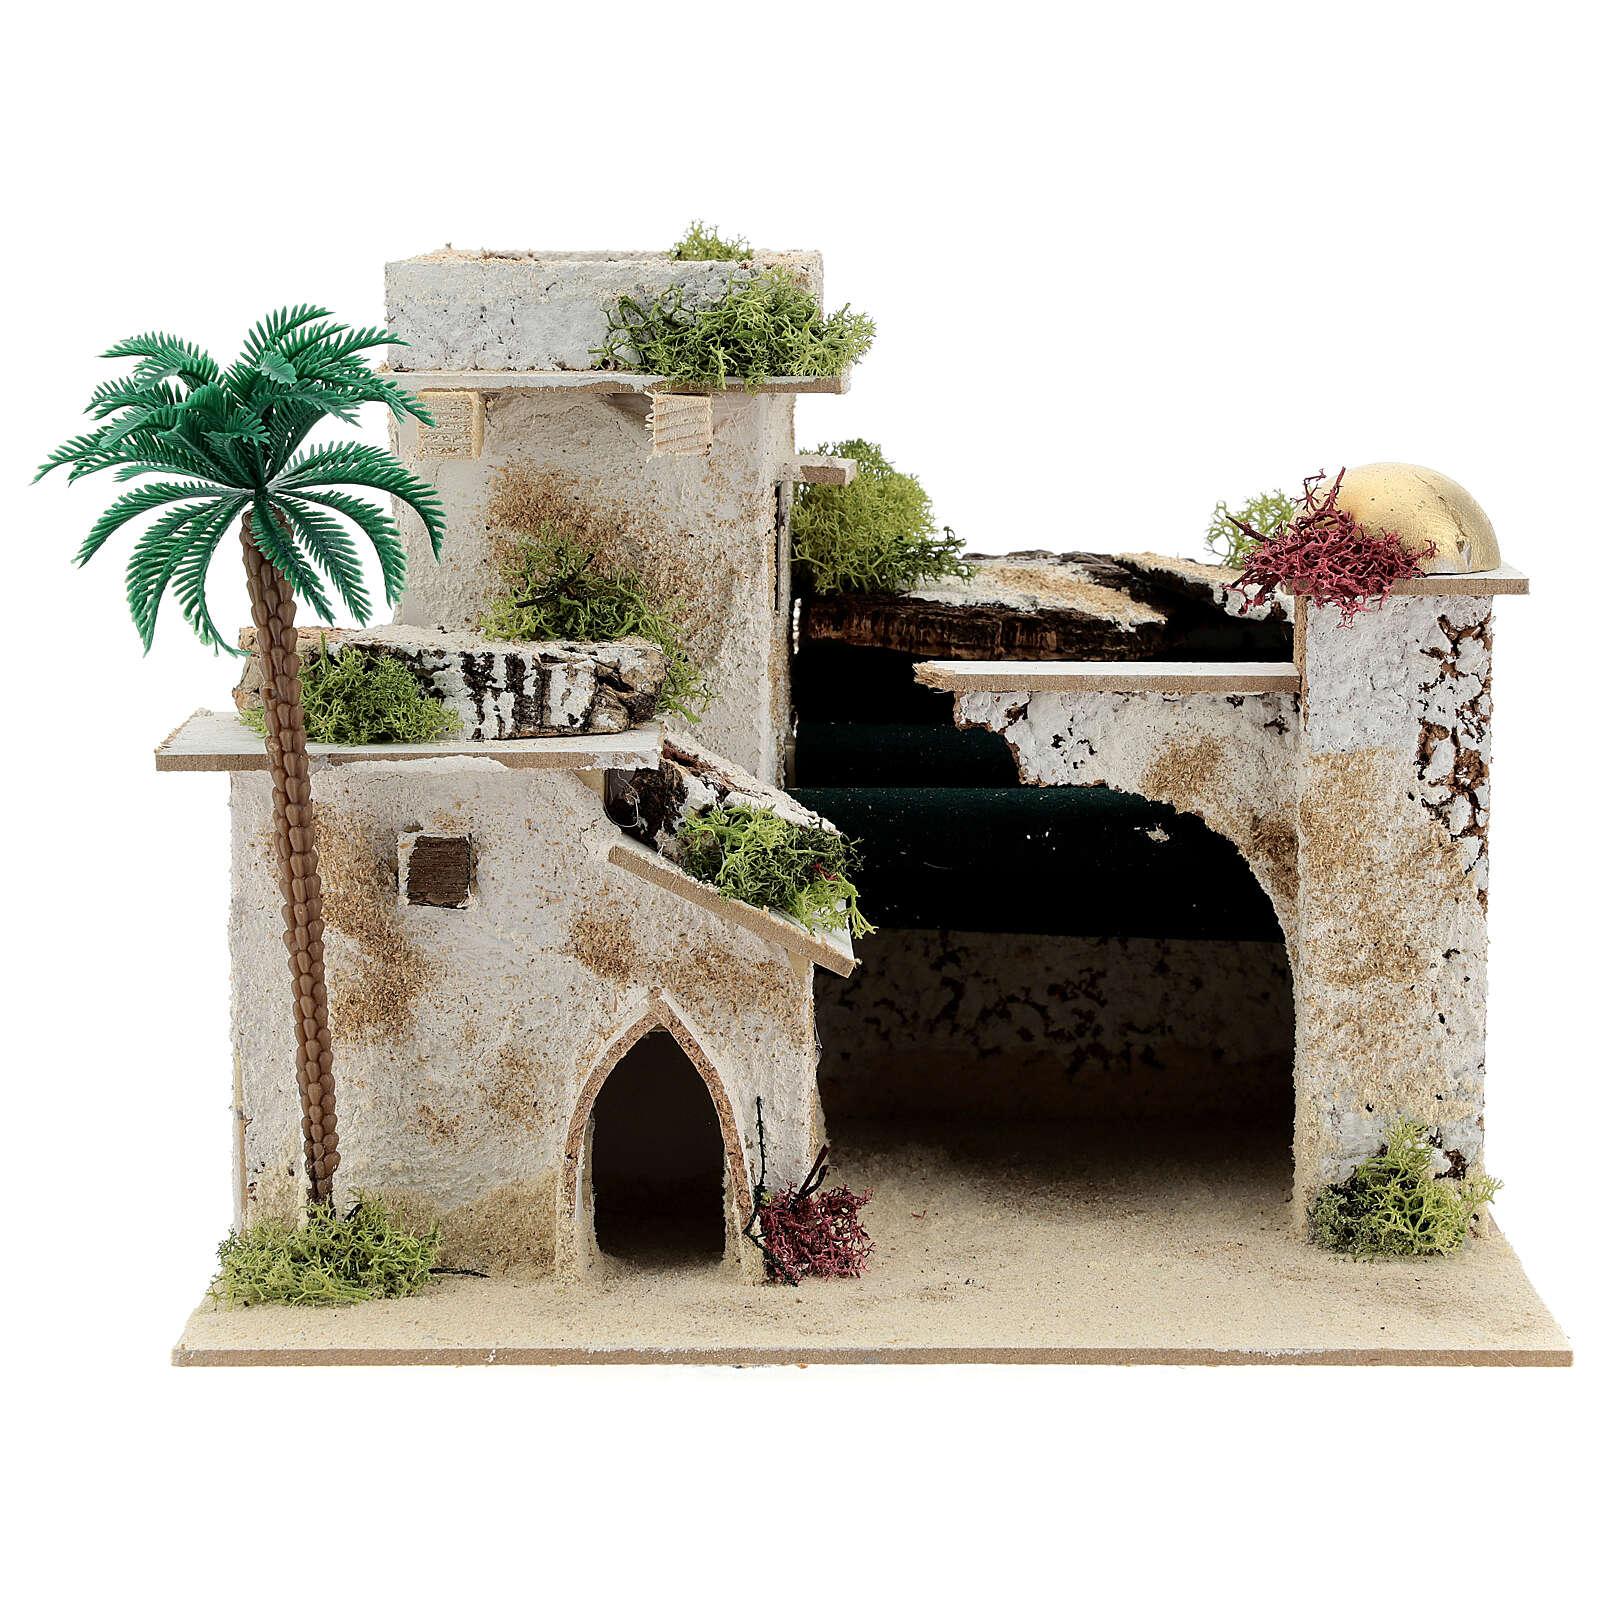 Maison en style arabe avec palmier et porche 20x25x20 cm 4